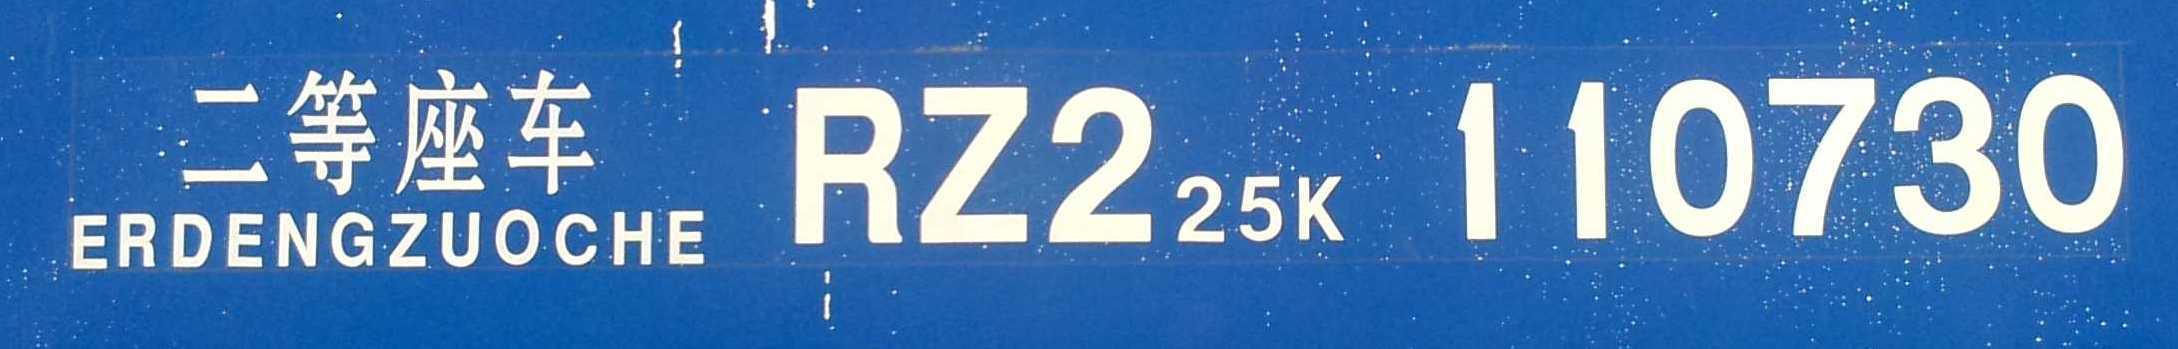 蘭局7C零二七號 banner